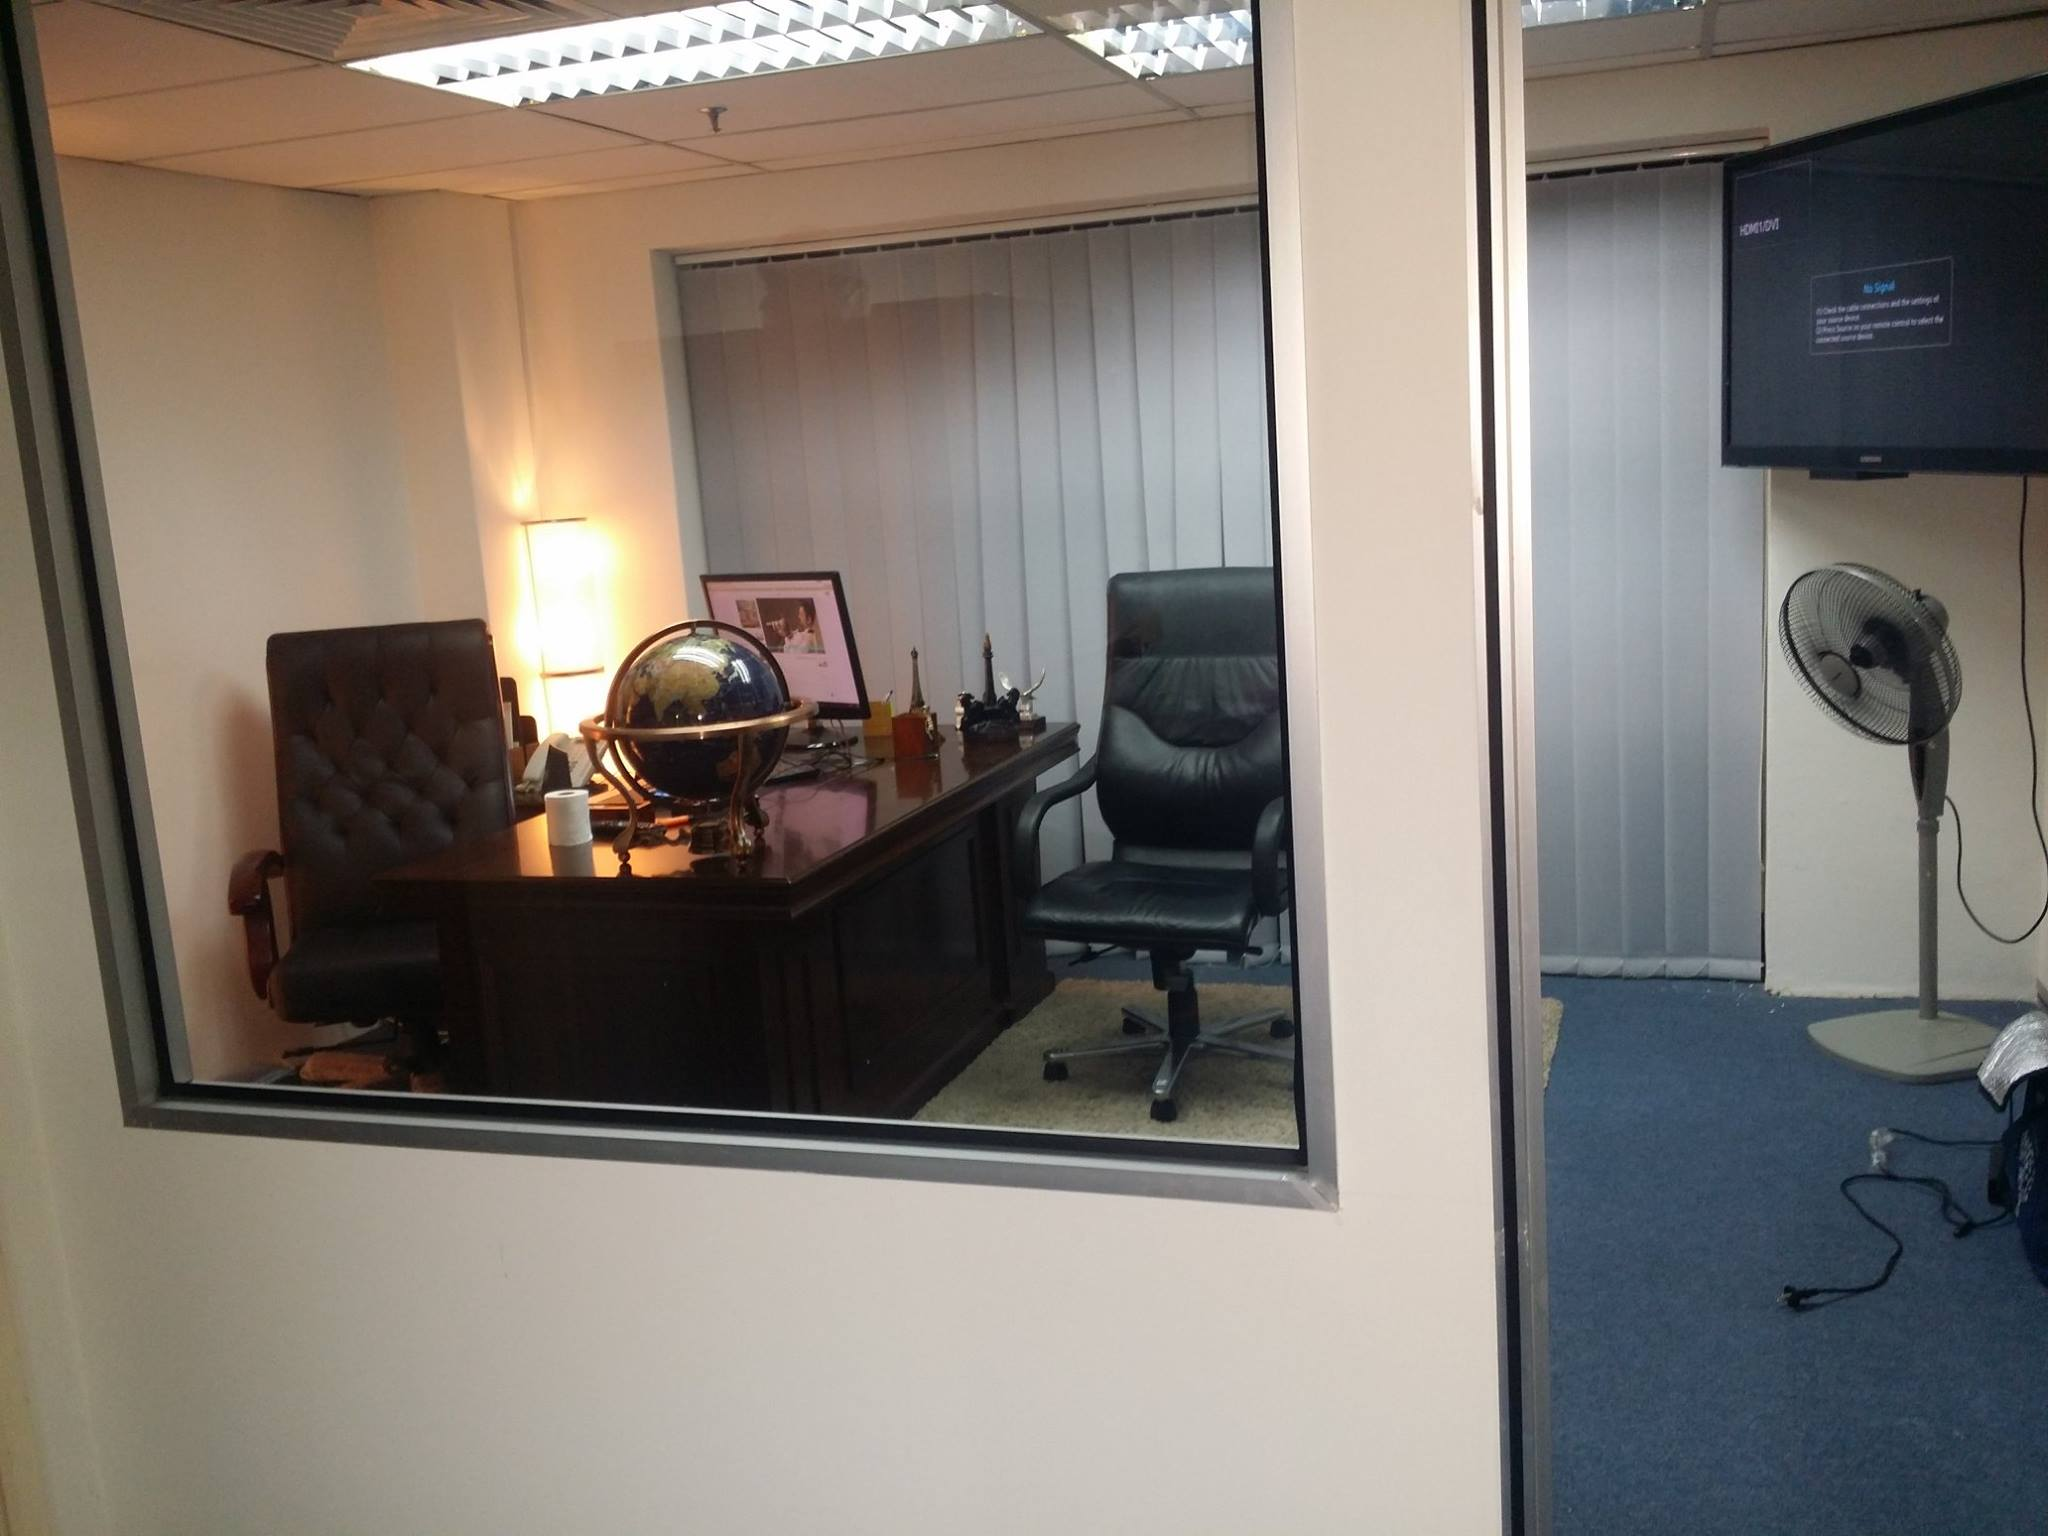 صور مكتب شركة ترافل ماليزيا